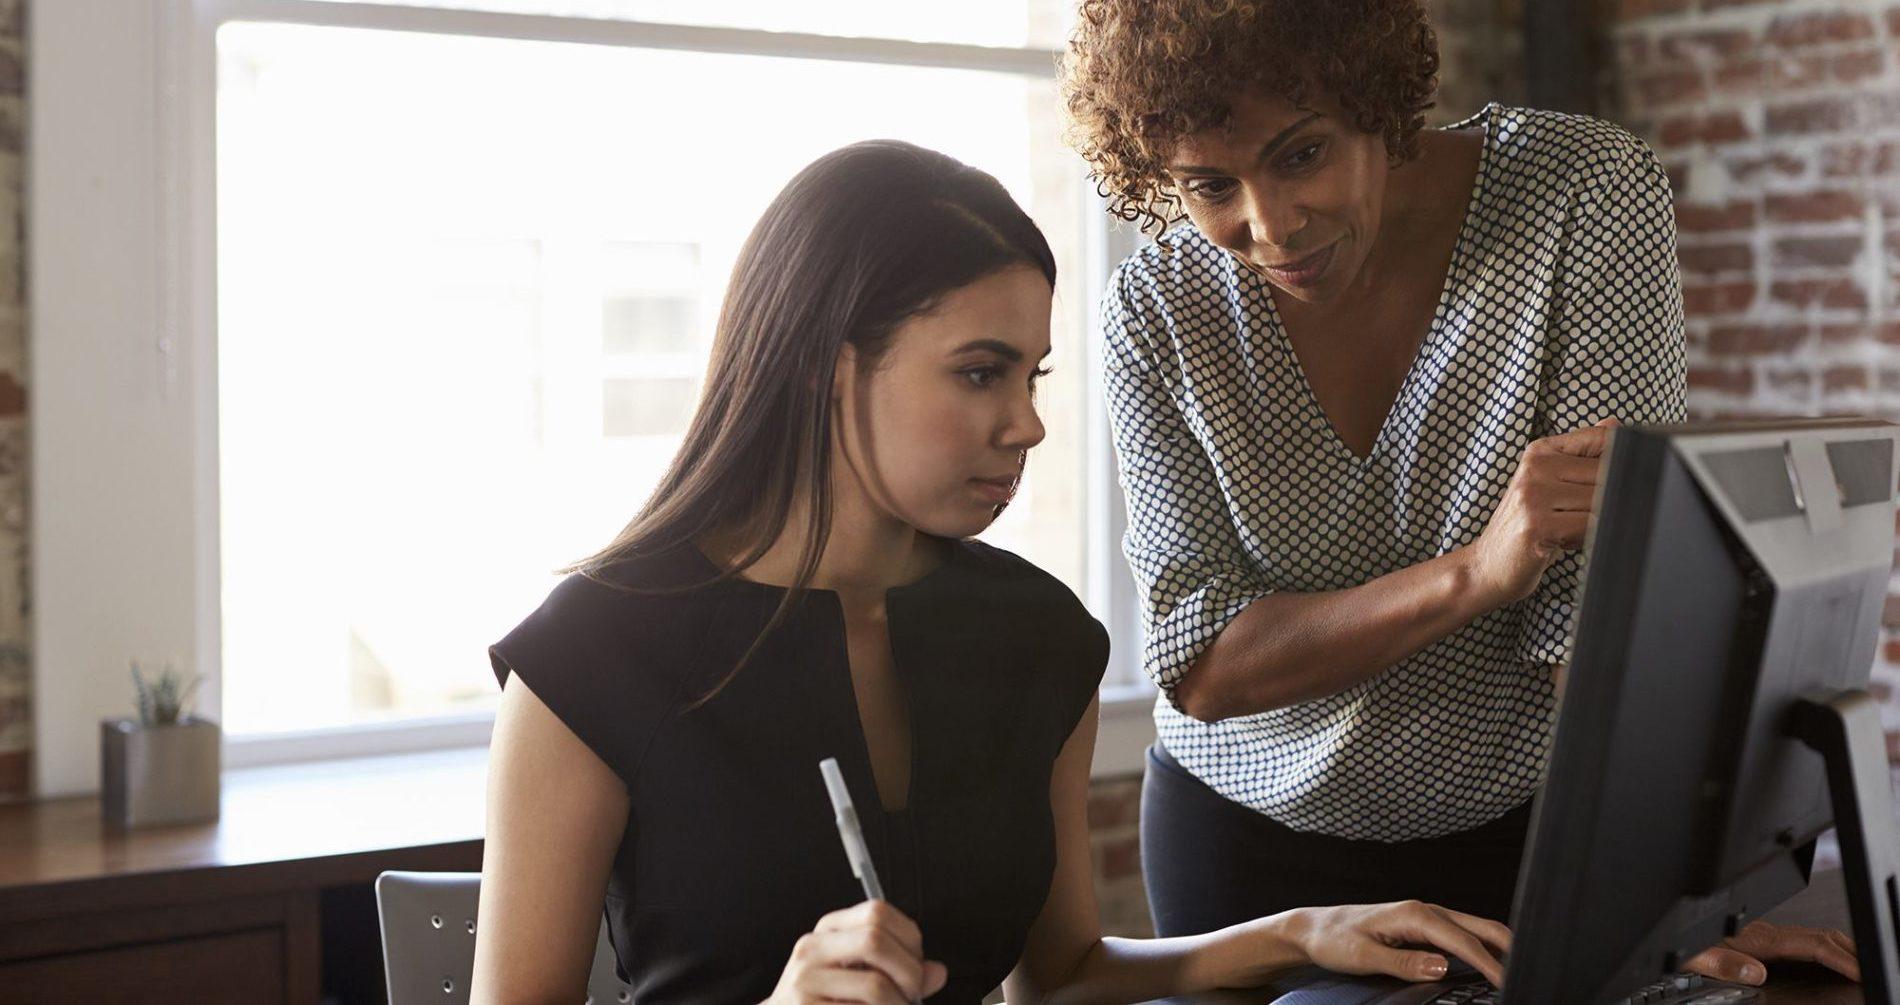 Ženama poduzetnicama treba potpora svih dijelova društva